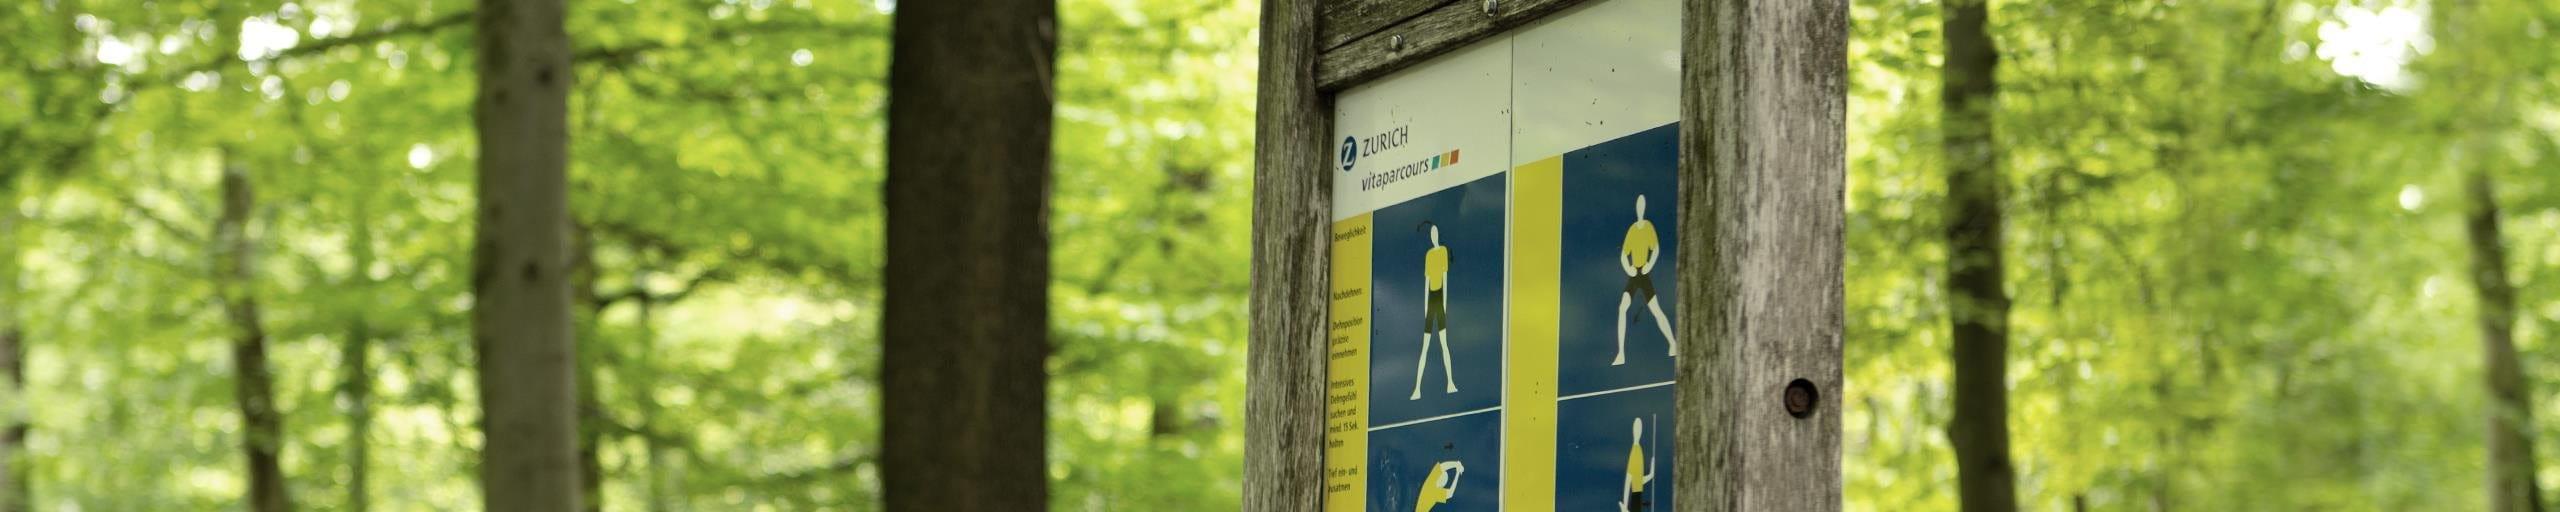 Un panneau parcoursvita décrivant des exercices.